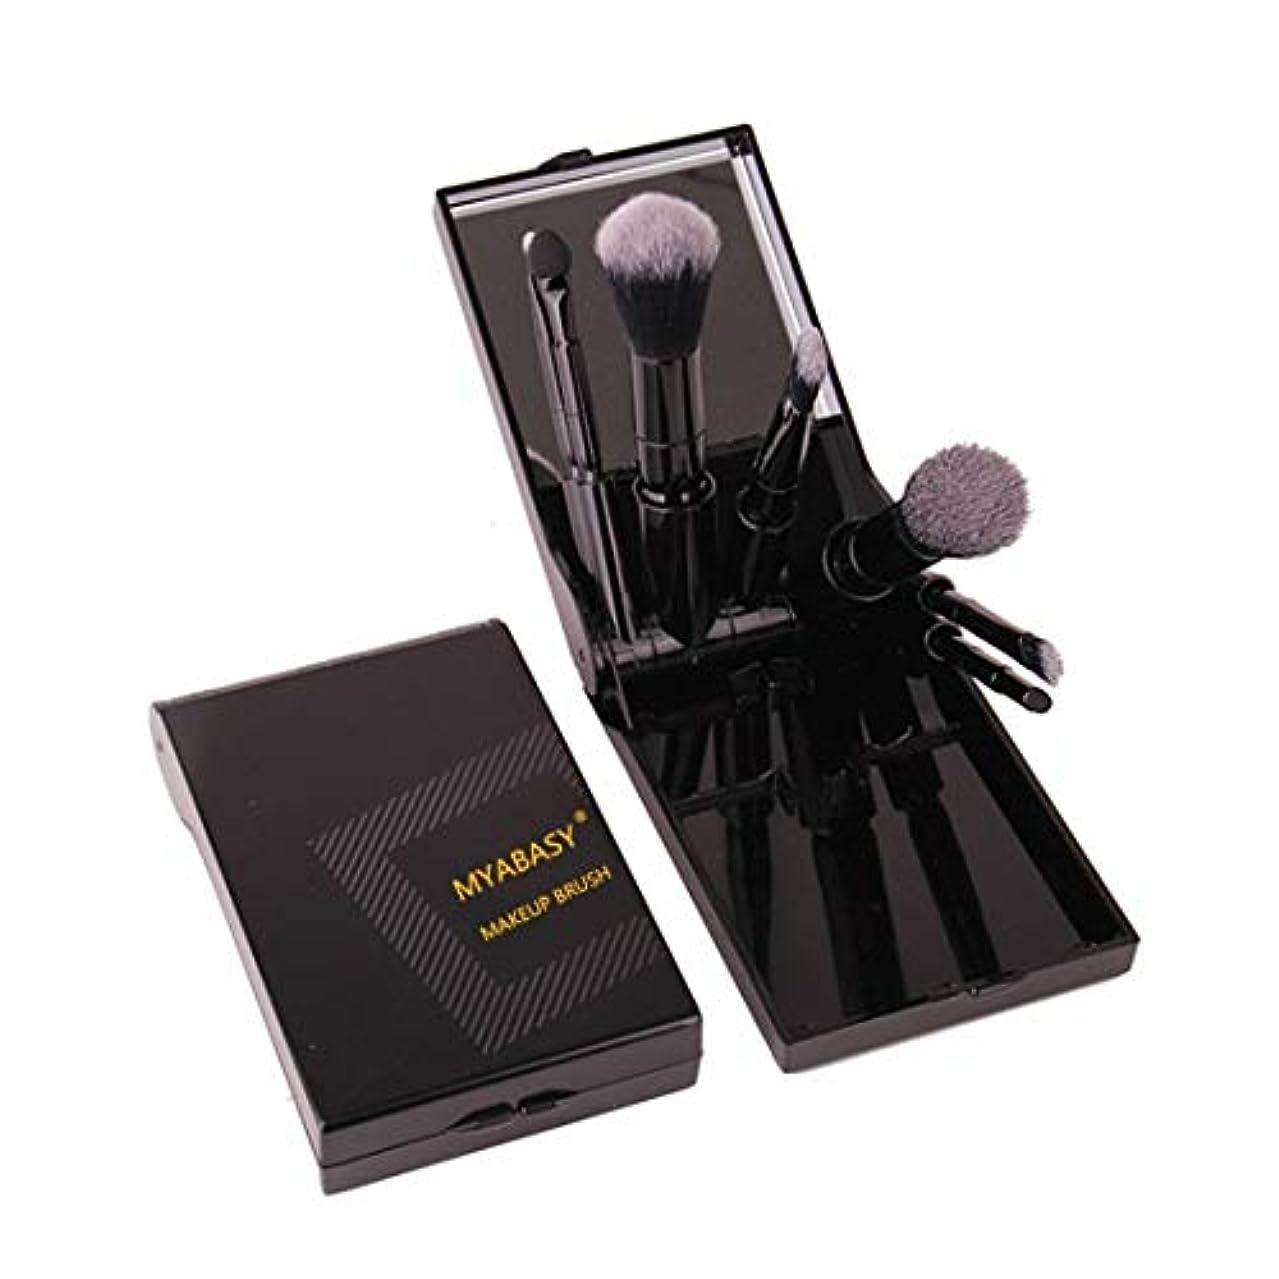 八百屋充実平均Makeup brushes アイシャドウとその他の観賞用、赤面、ファンデーションに適している、7メイクアップブラシ suits (Color : Black)